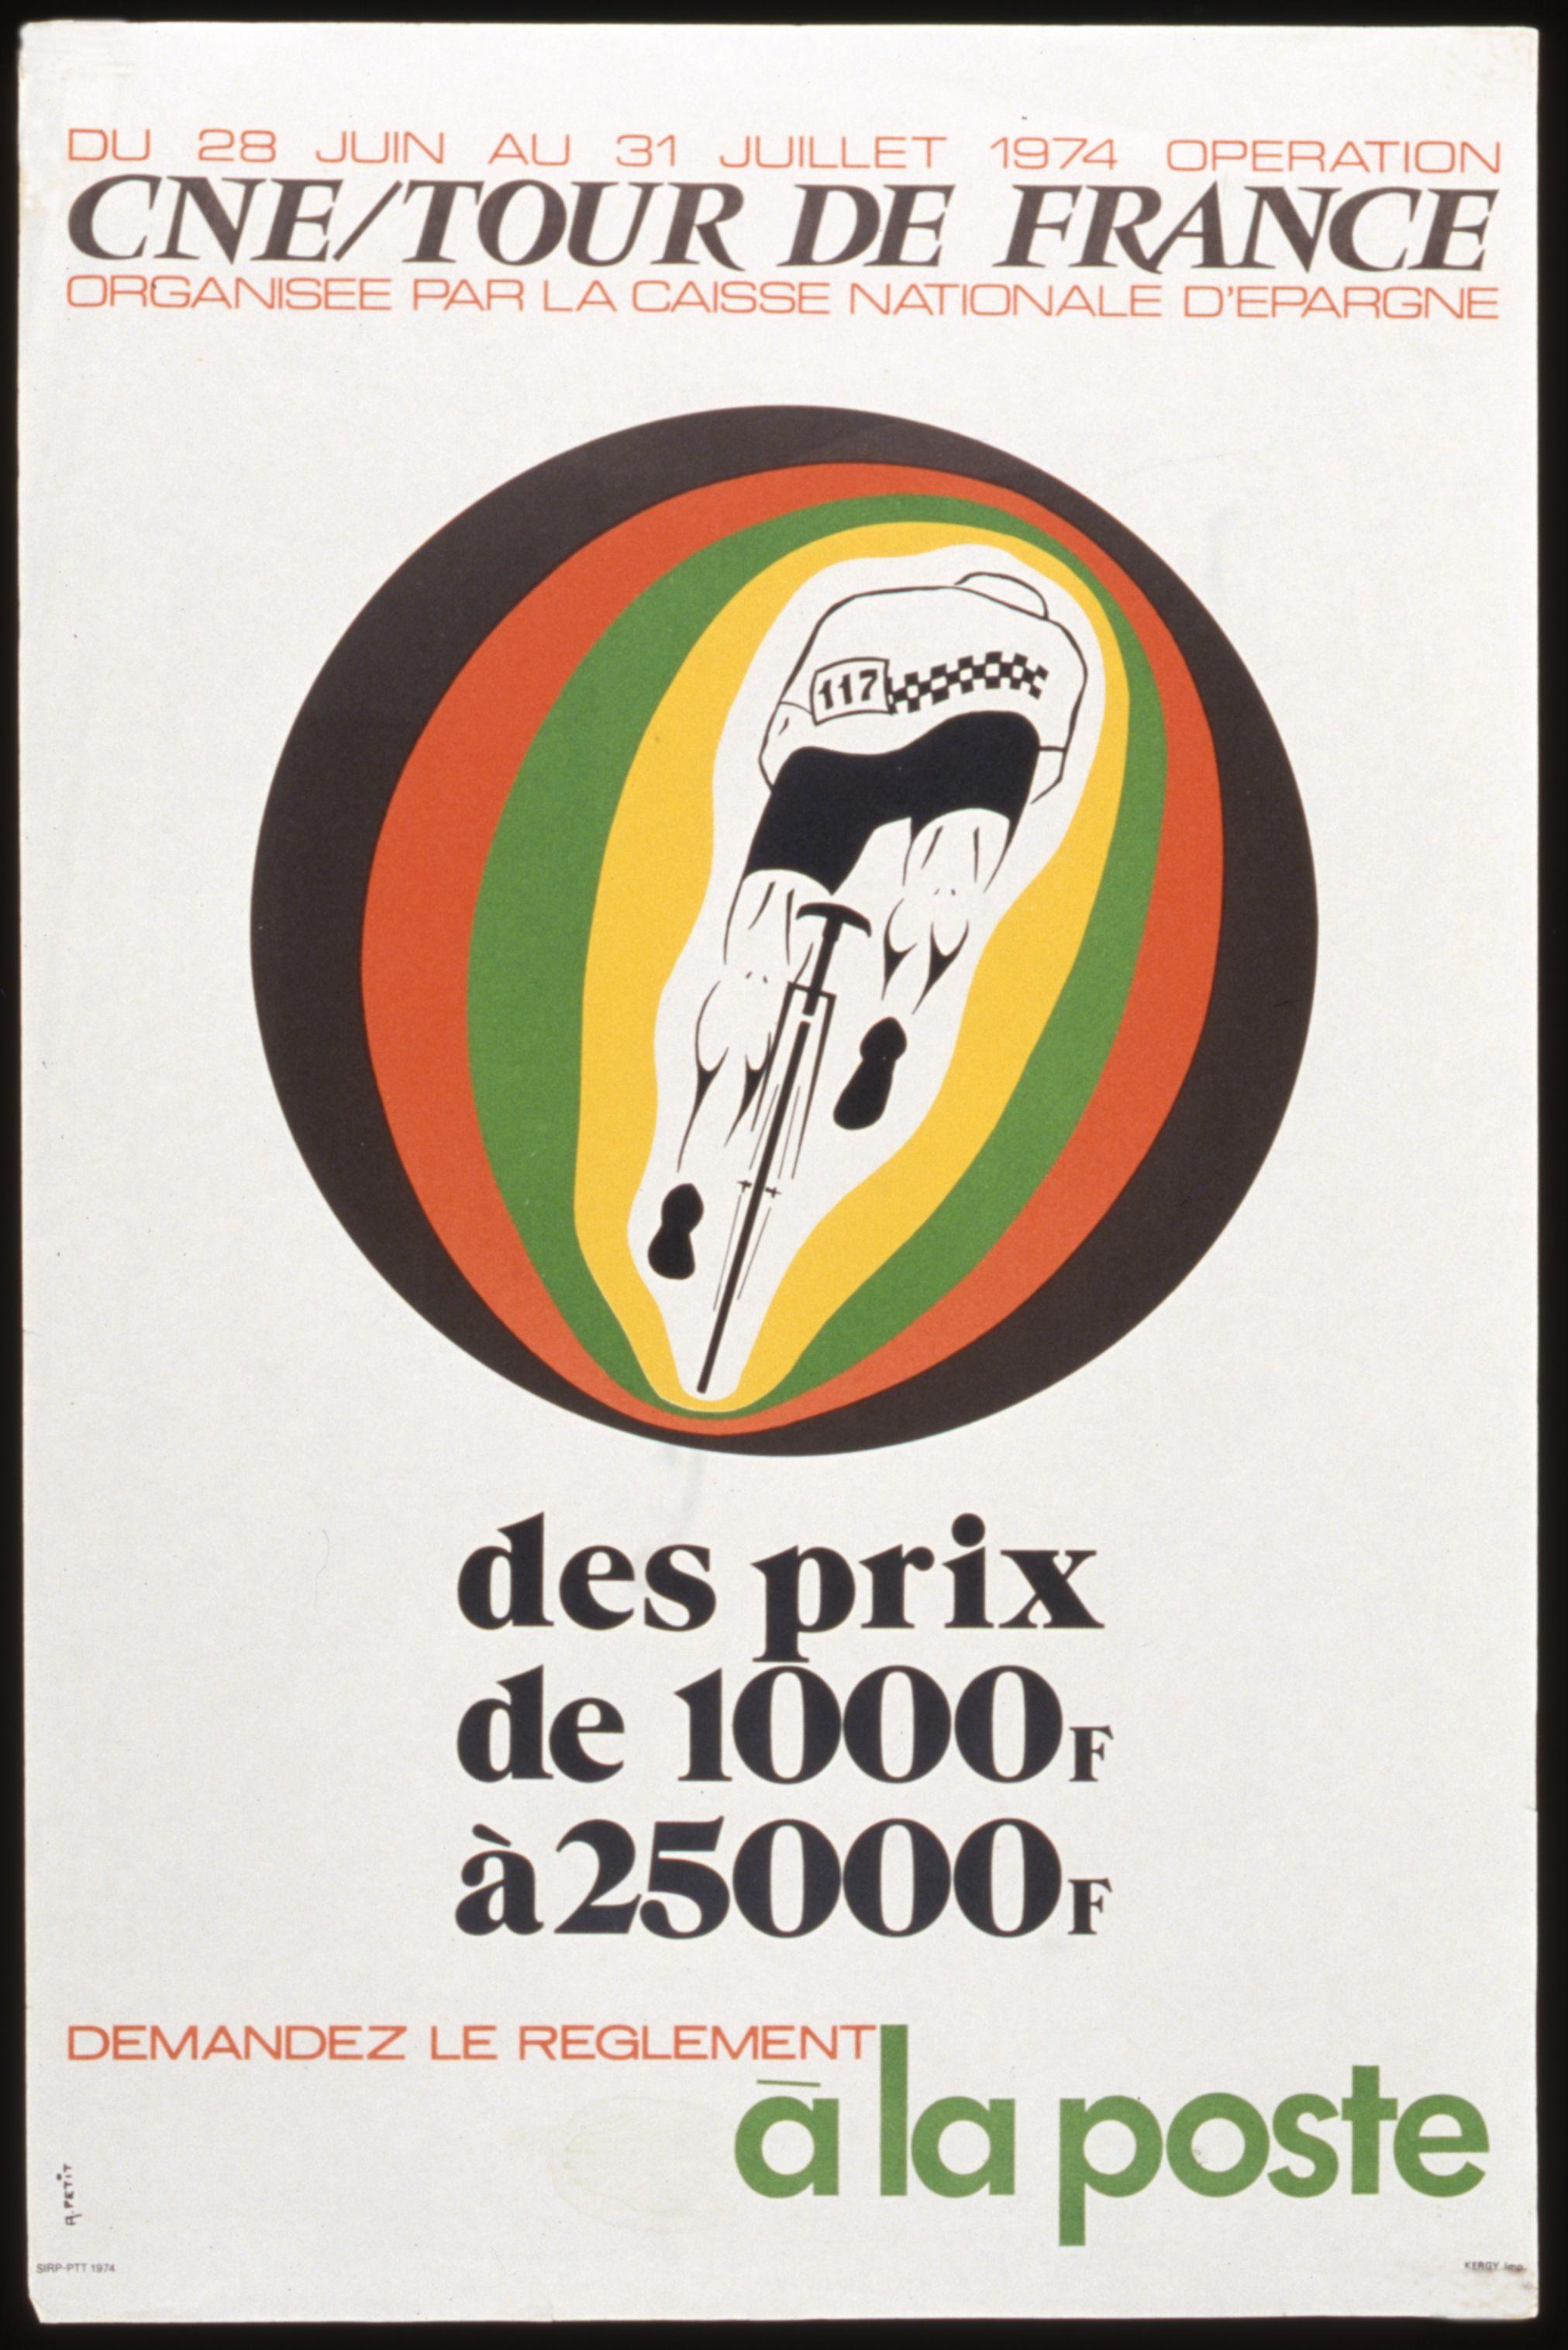 affiche cne tour de france 1974 l 39 adresse mus e de la poste la poste dr affiches et. Black Bedroom Furniture Sets. Home Design Ideas